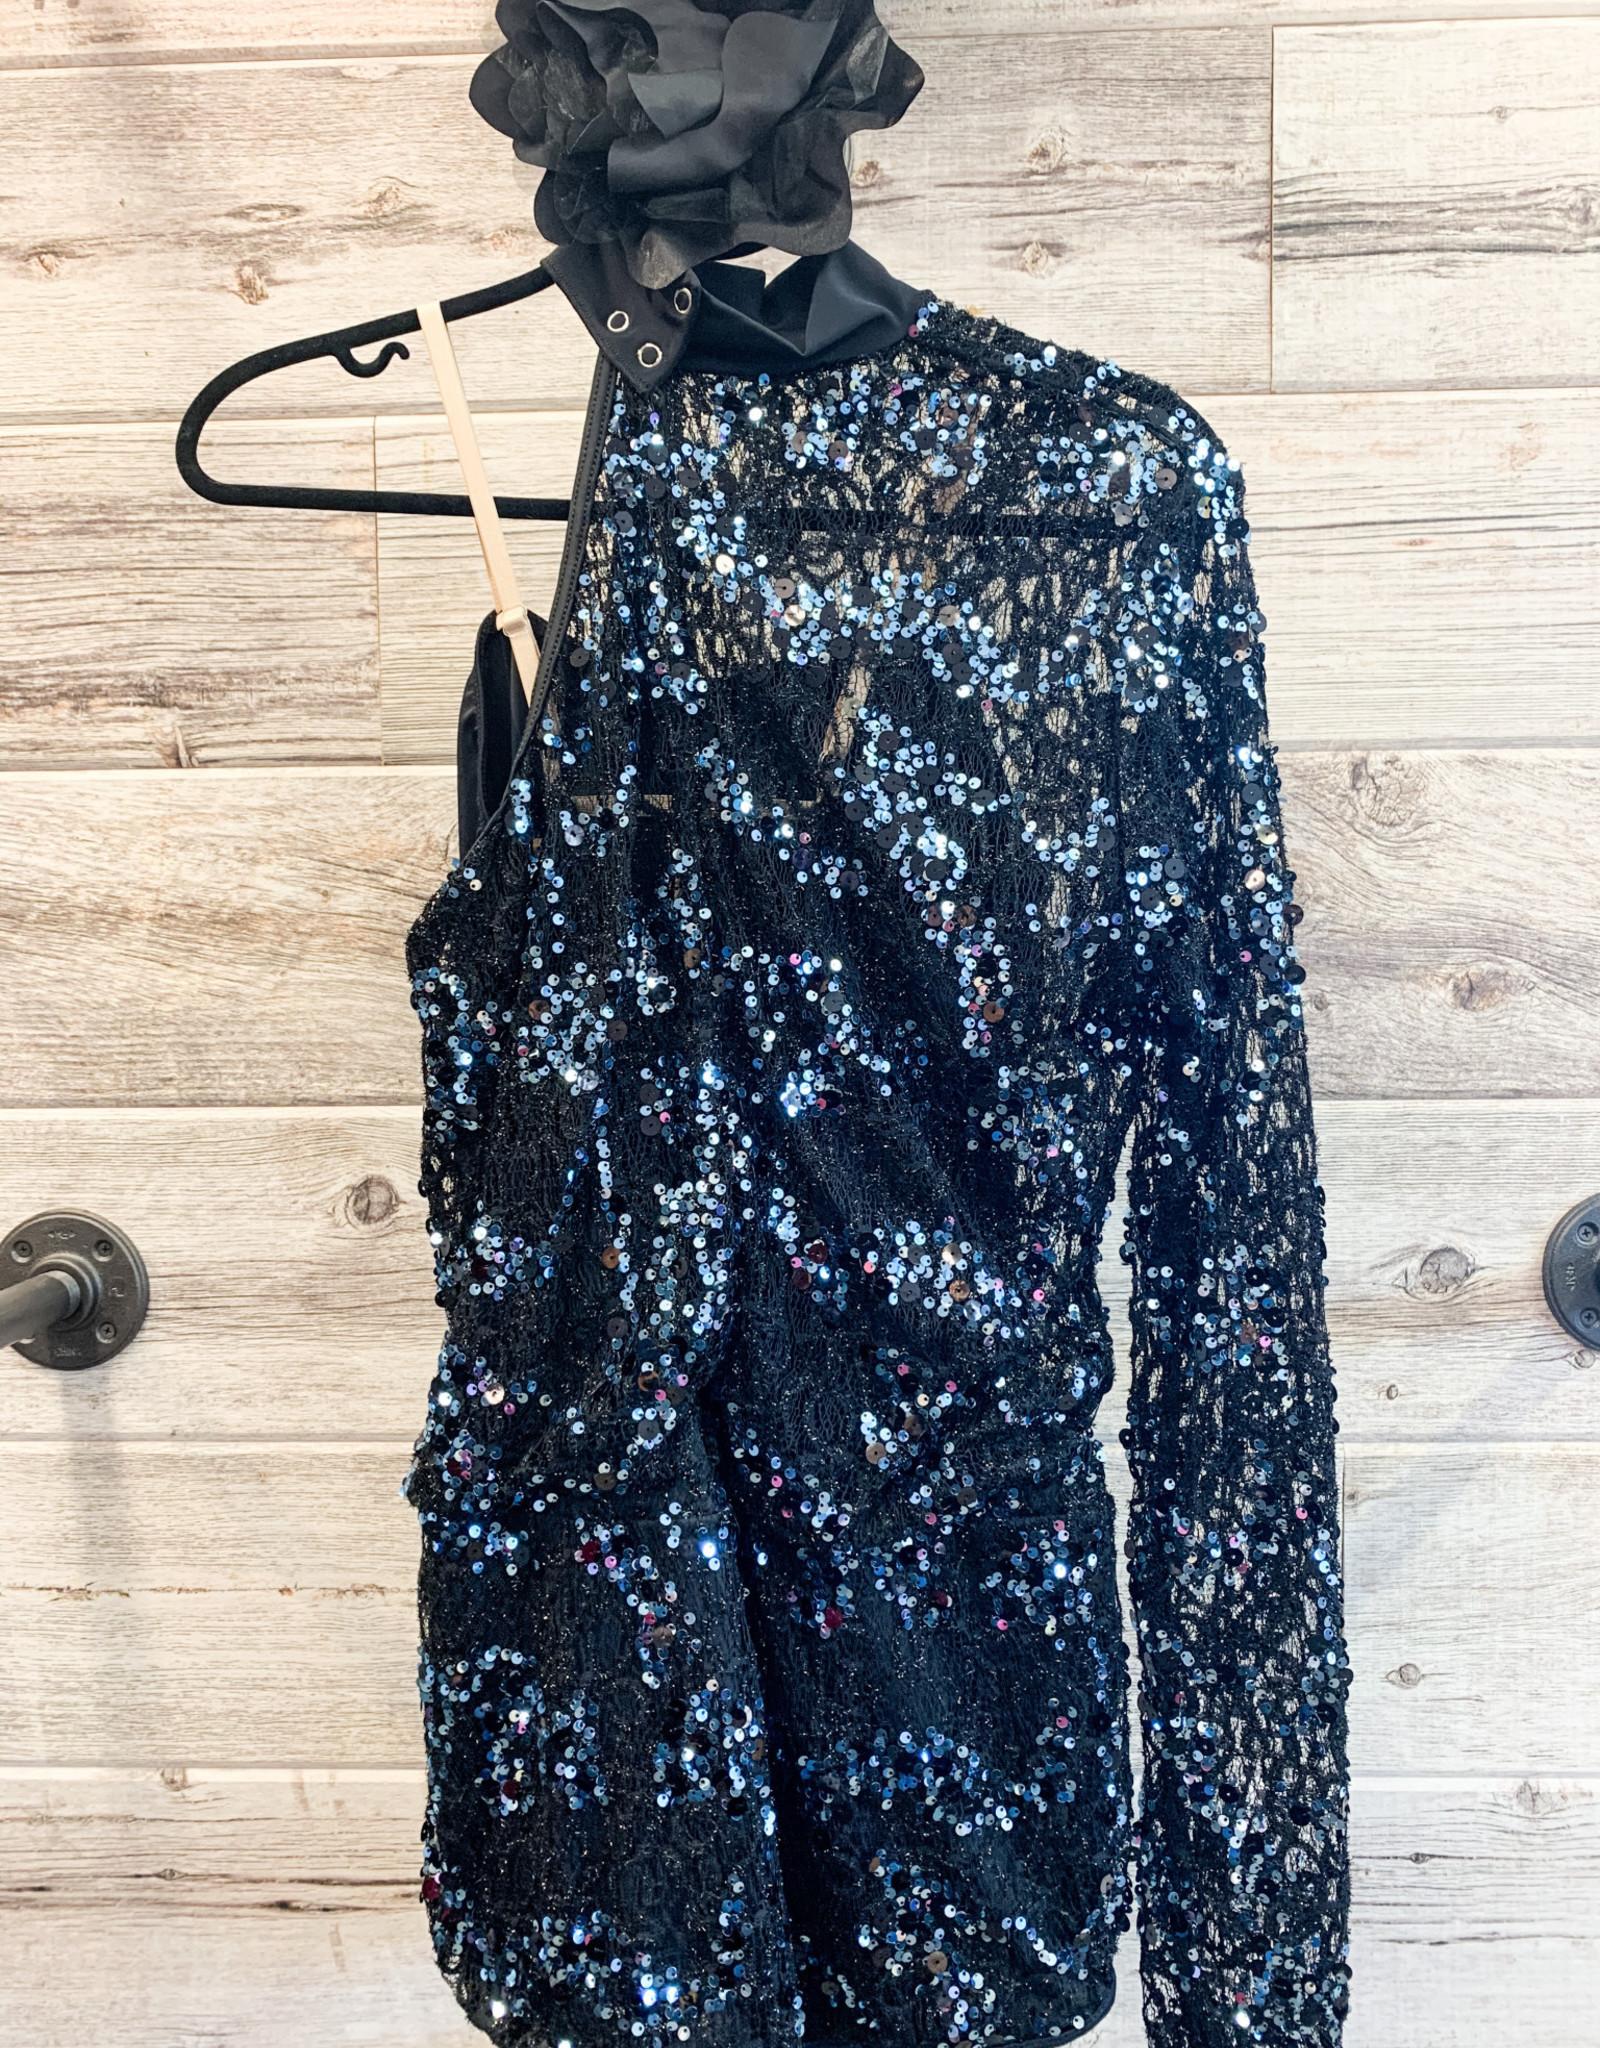 Costume Noir Short Paillette Bleuté (Xlarge)